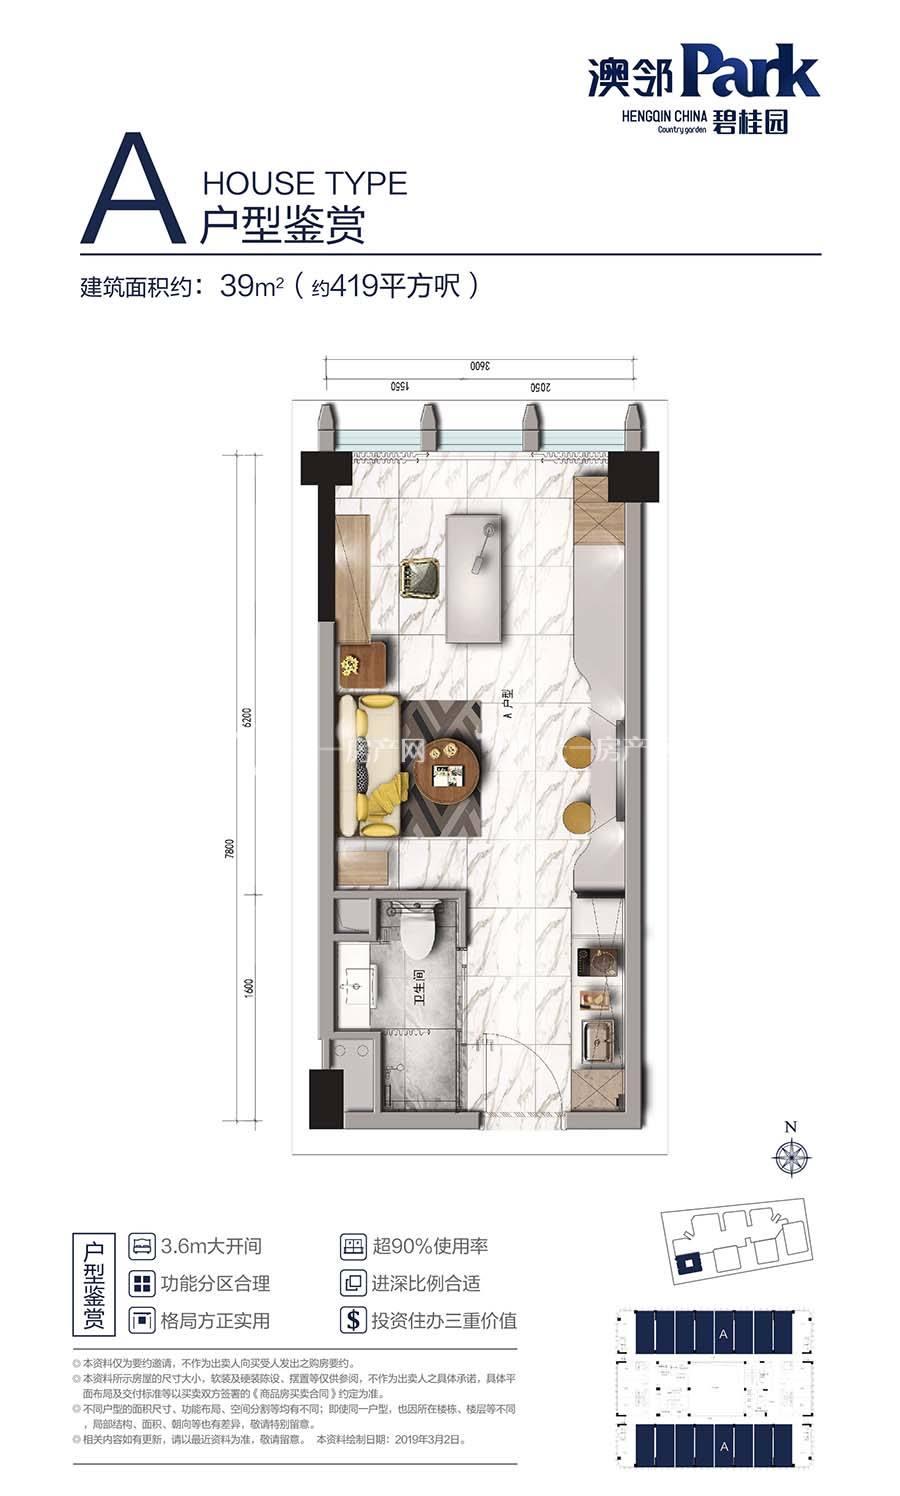 碧桂园澳邻PARKA户型/建筑面积:约39m²